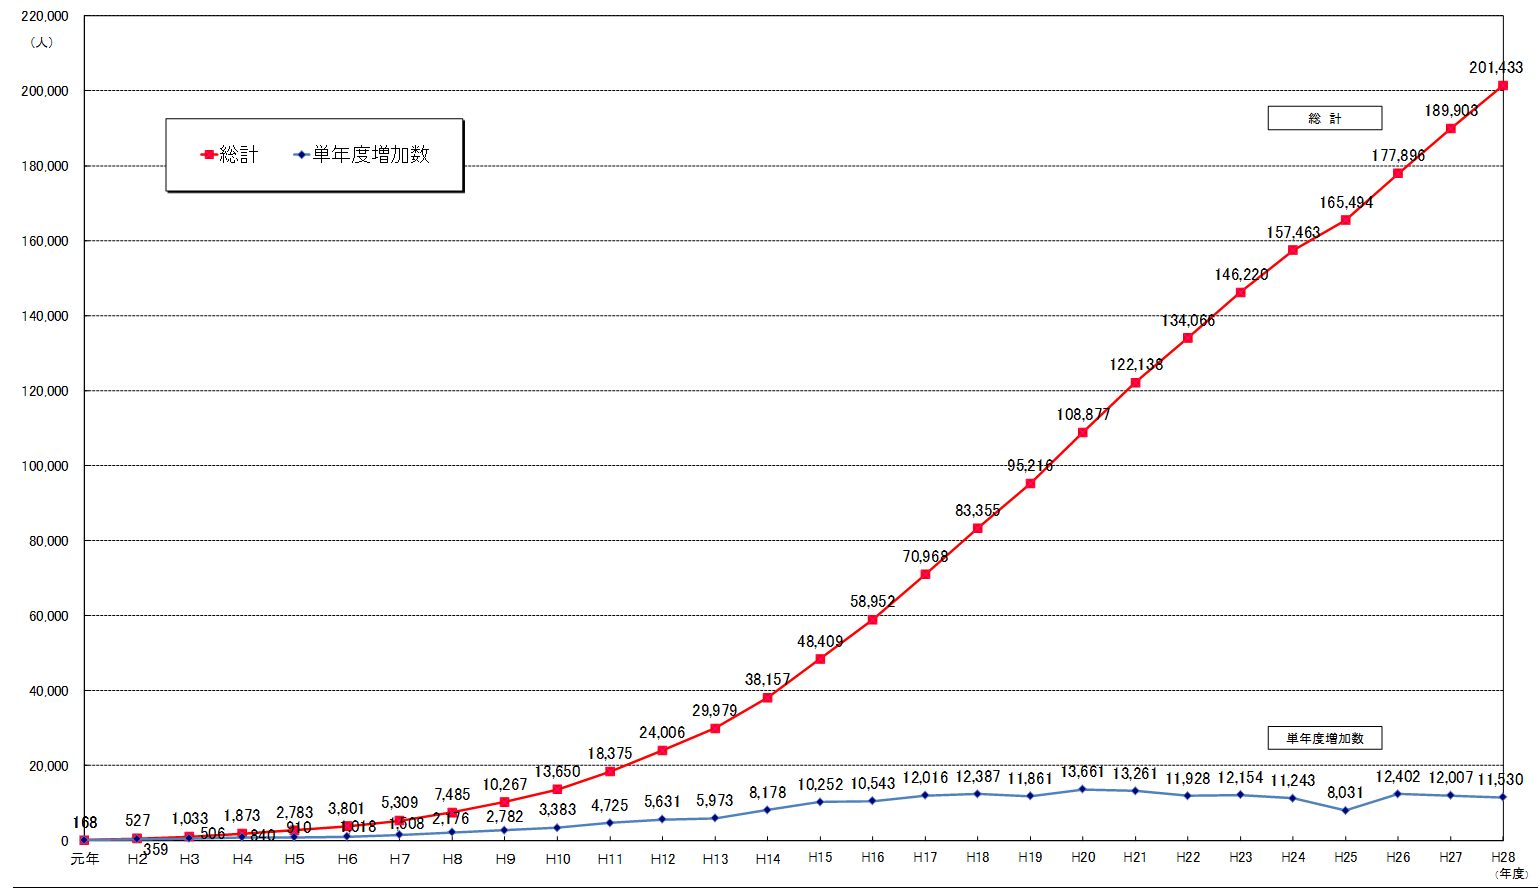 ページ3:社会福祉士の登録者数の推移